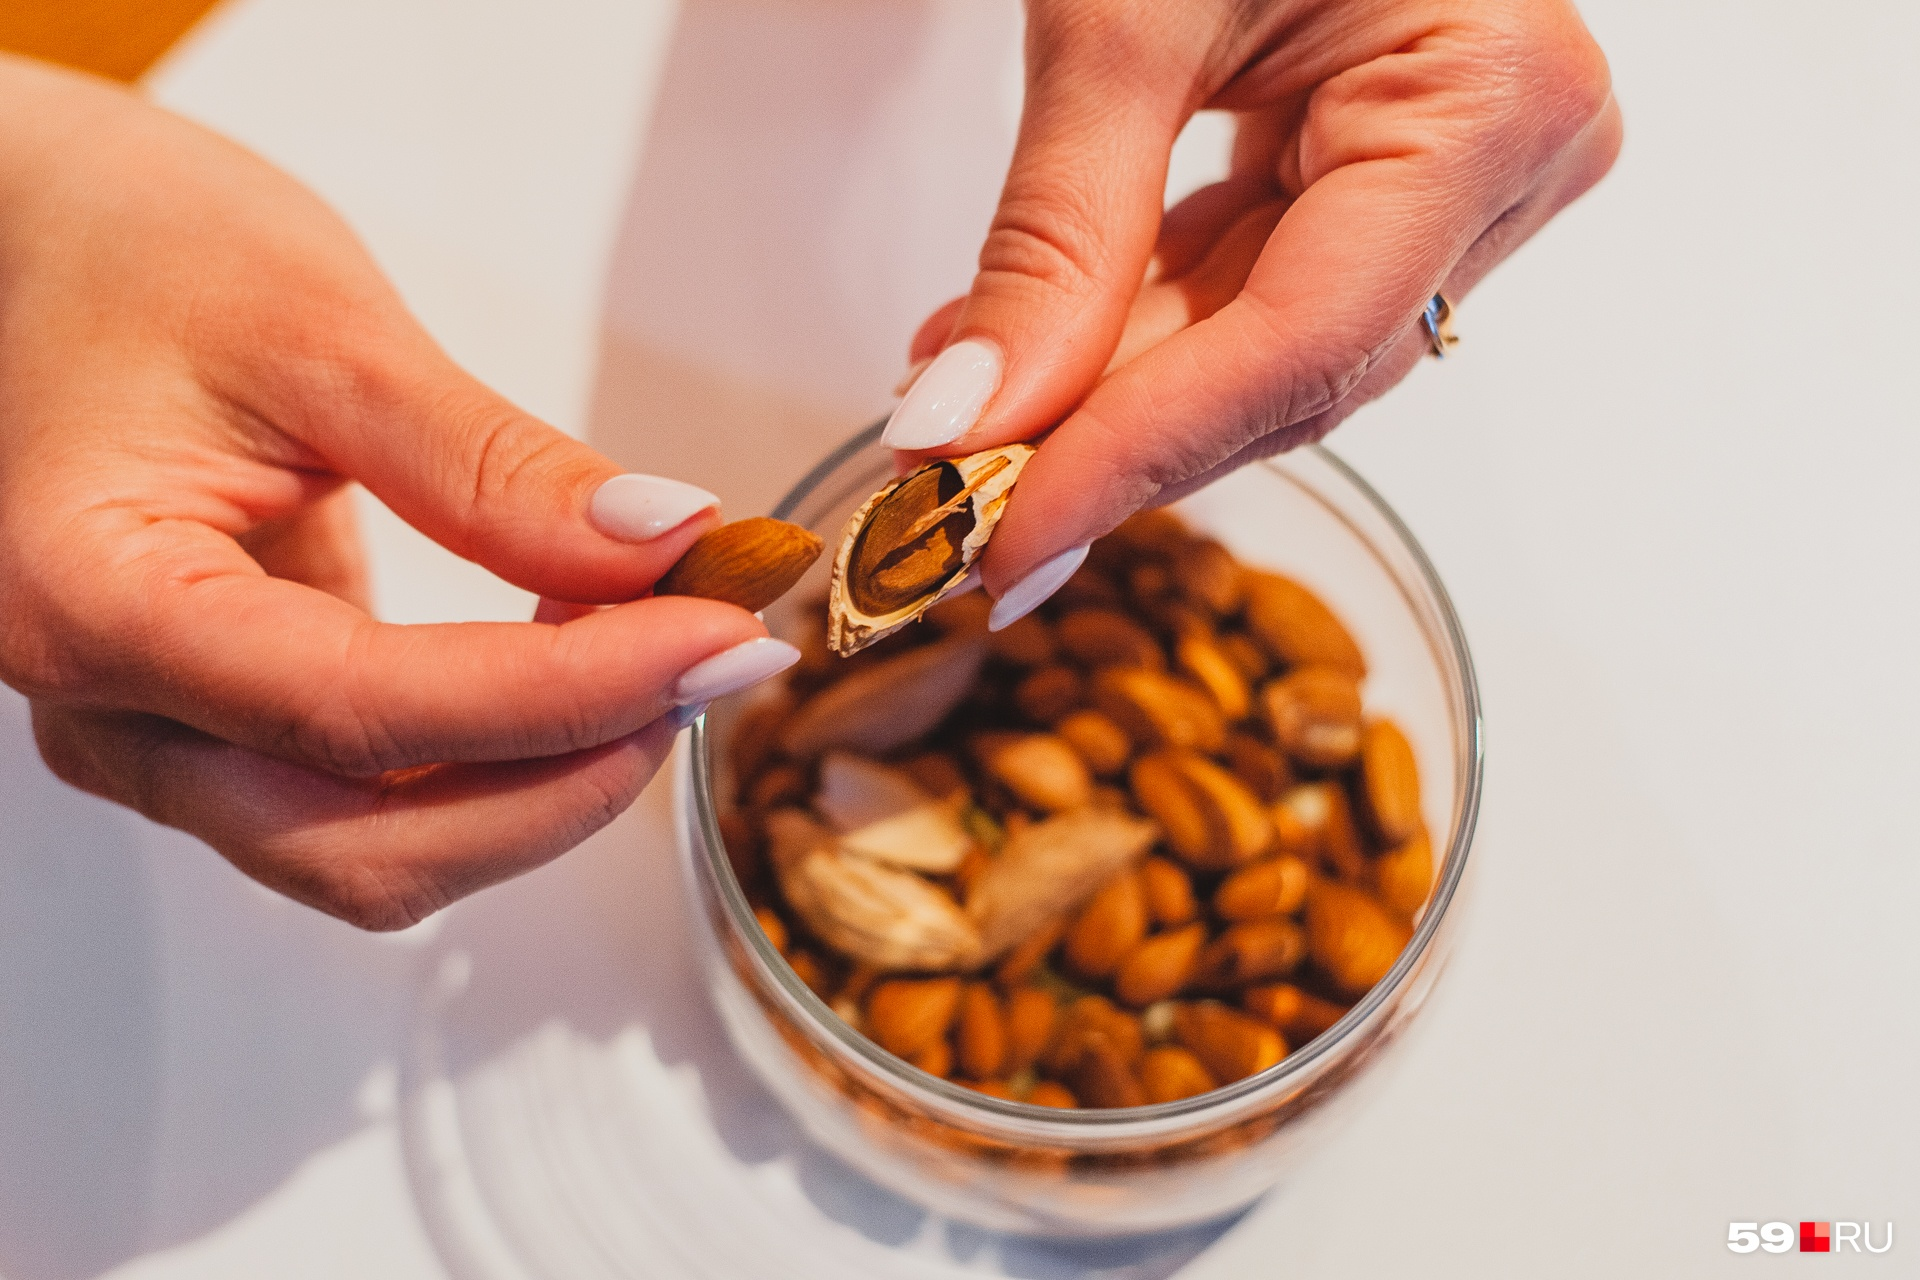 Чем орехи хуже чипсов? Ничем, и даже наоборот